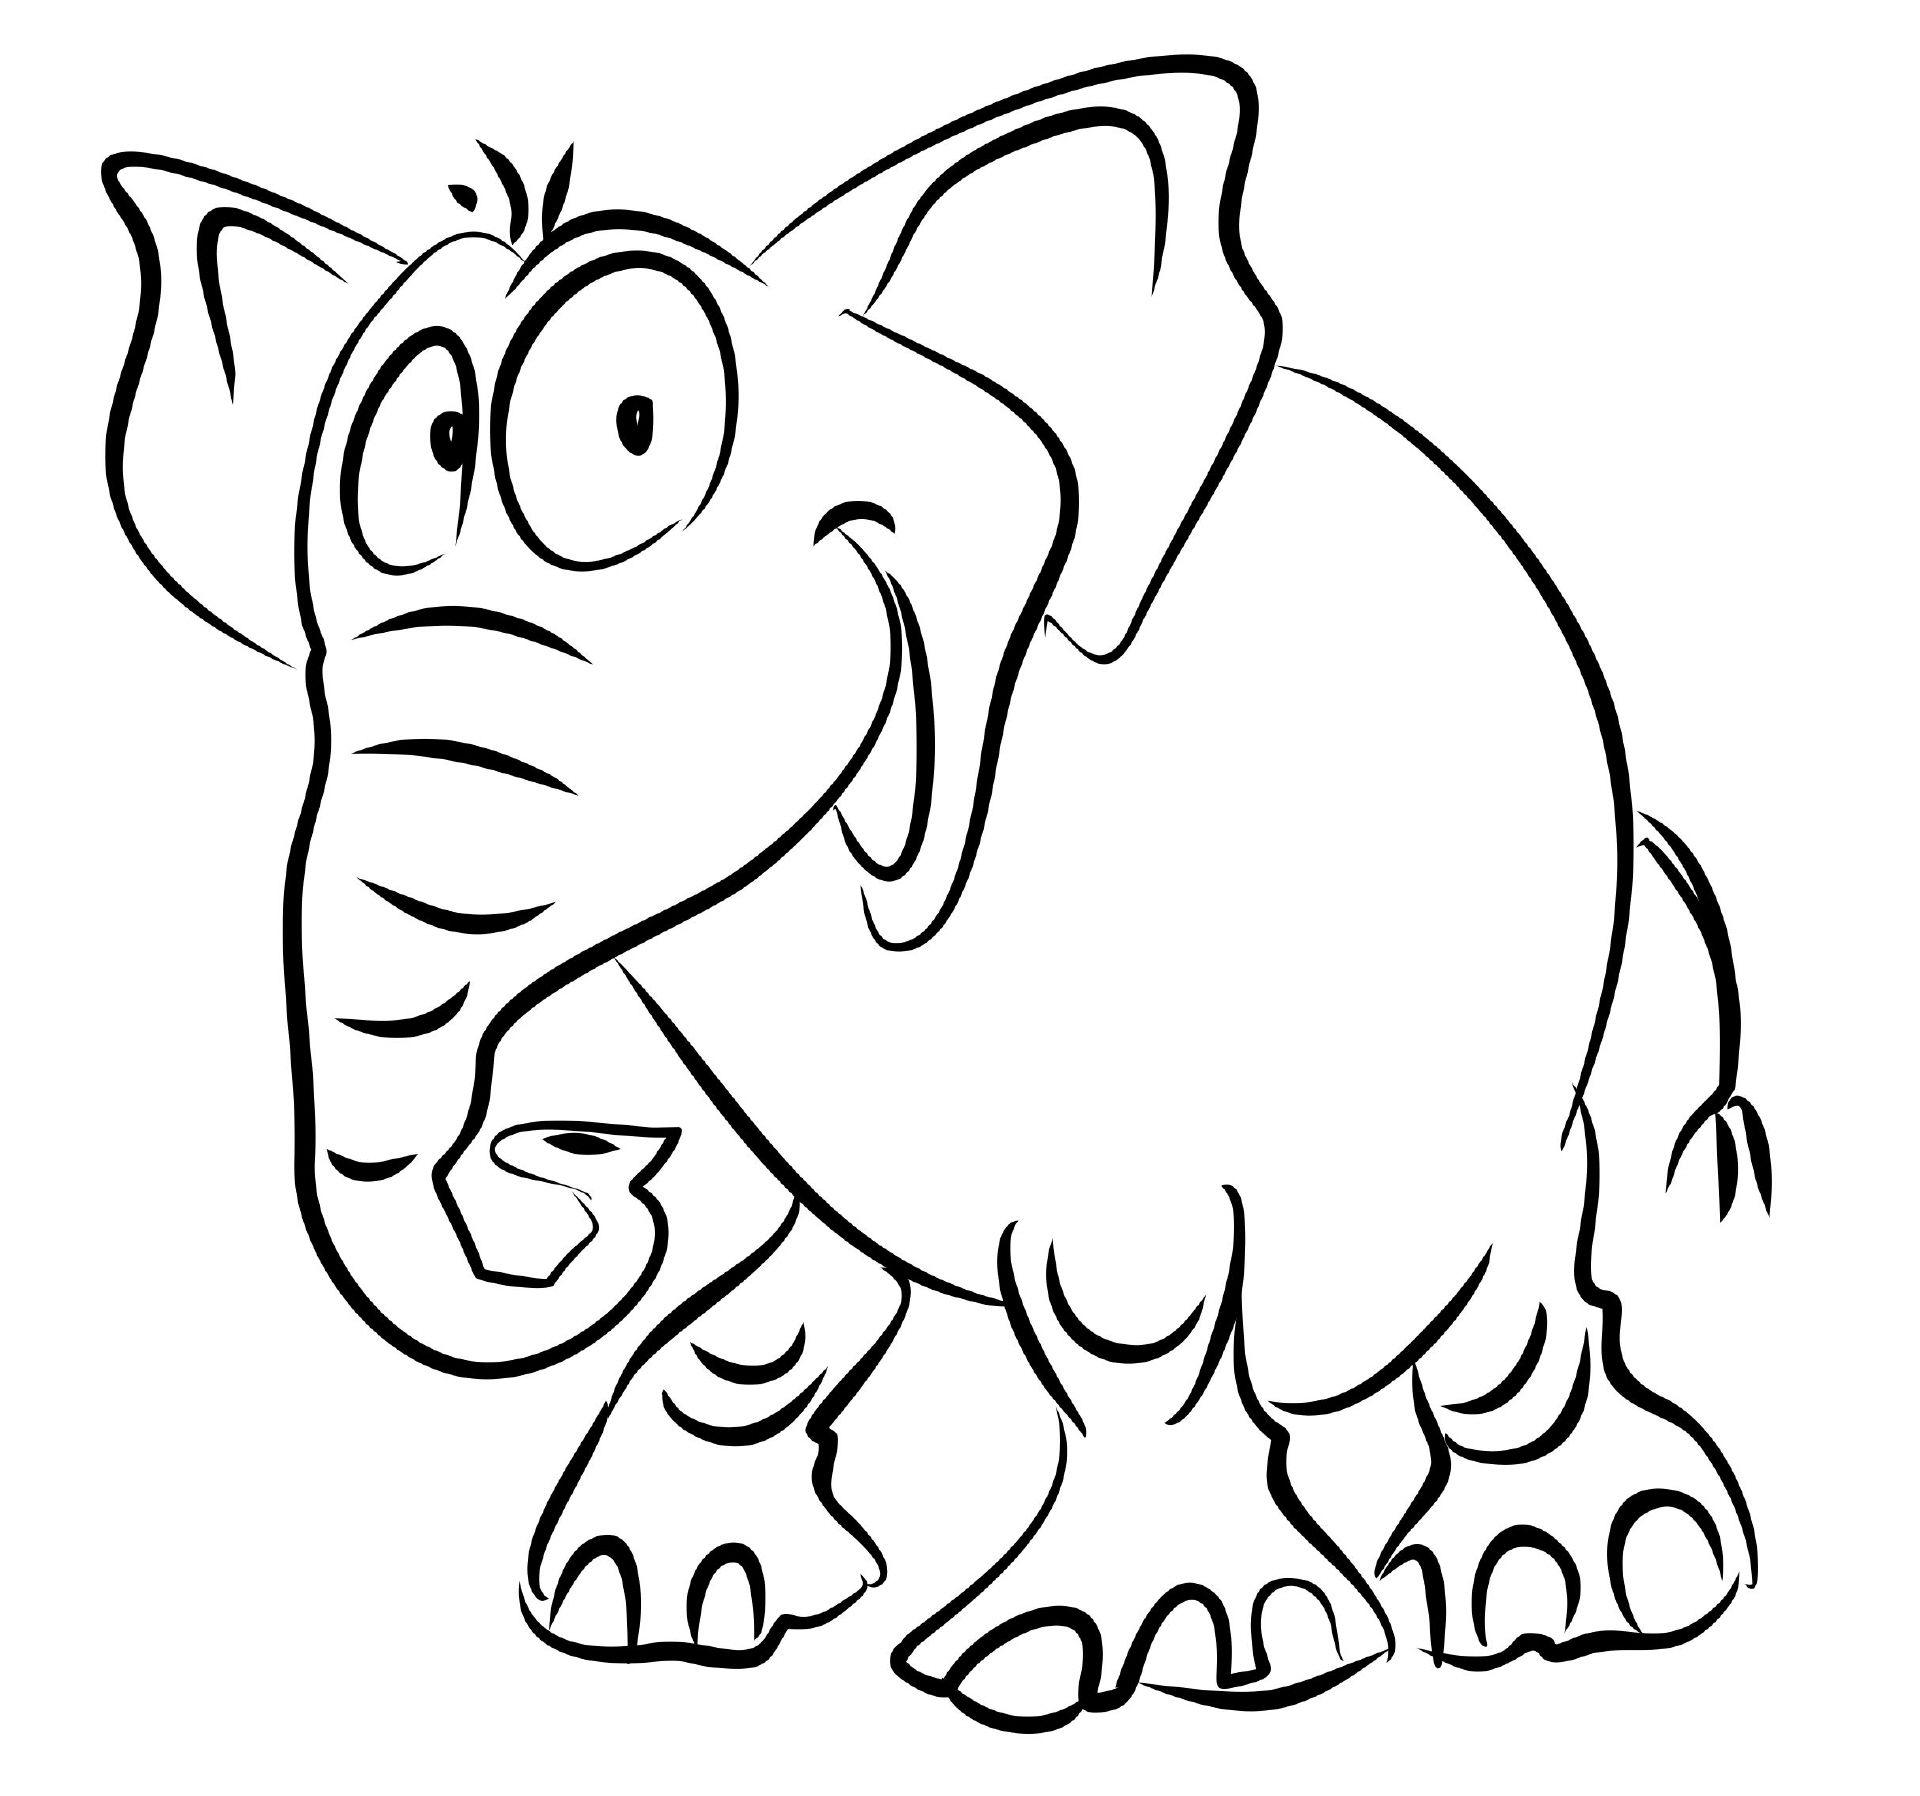 ausmalbilder tiere elefant  28 images  ausmalbilder